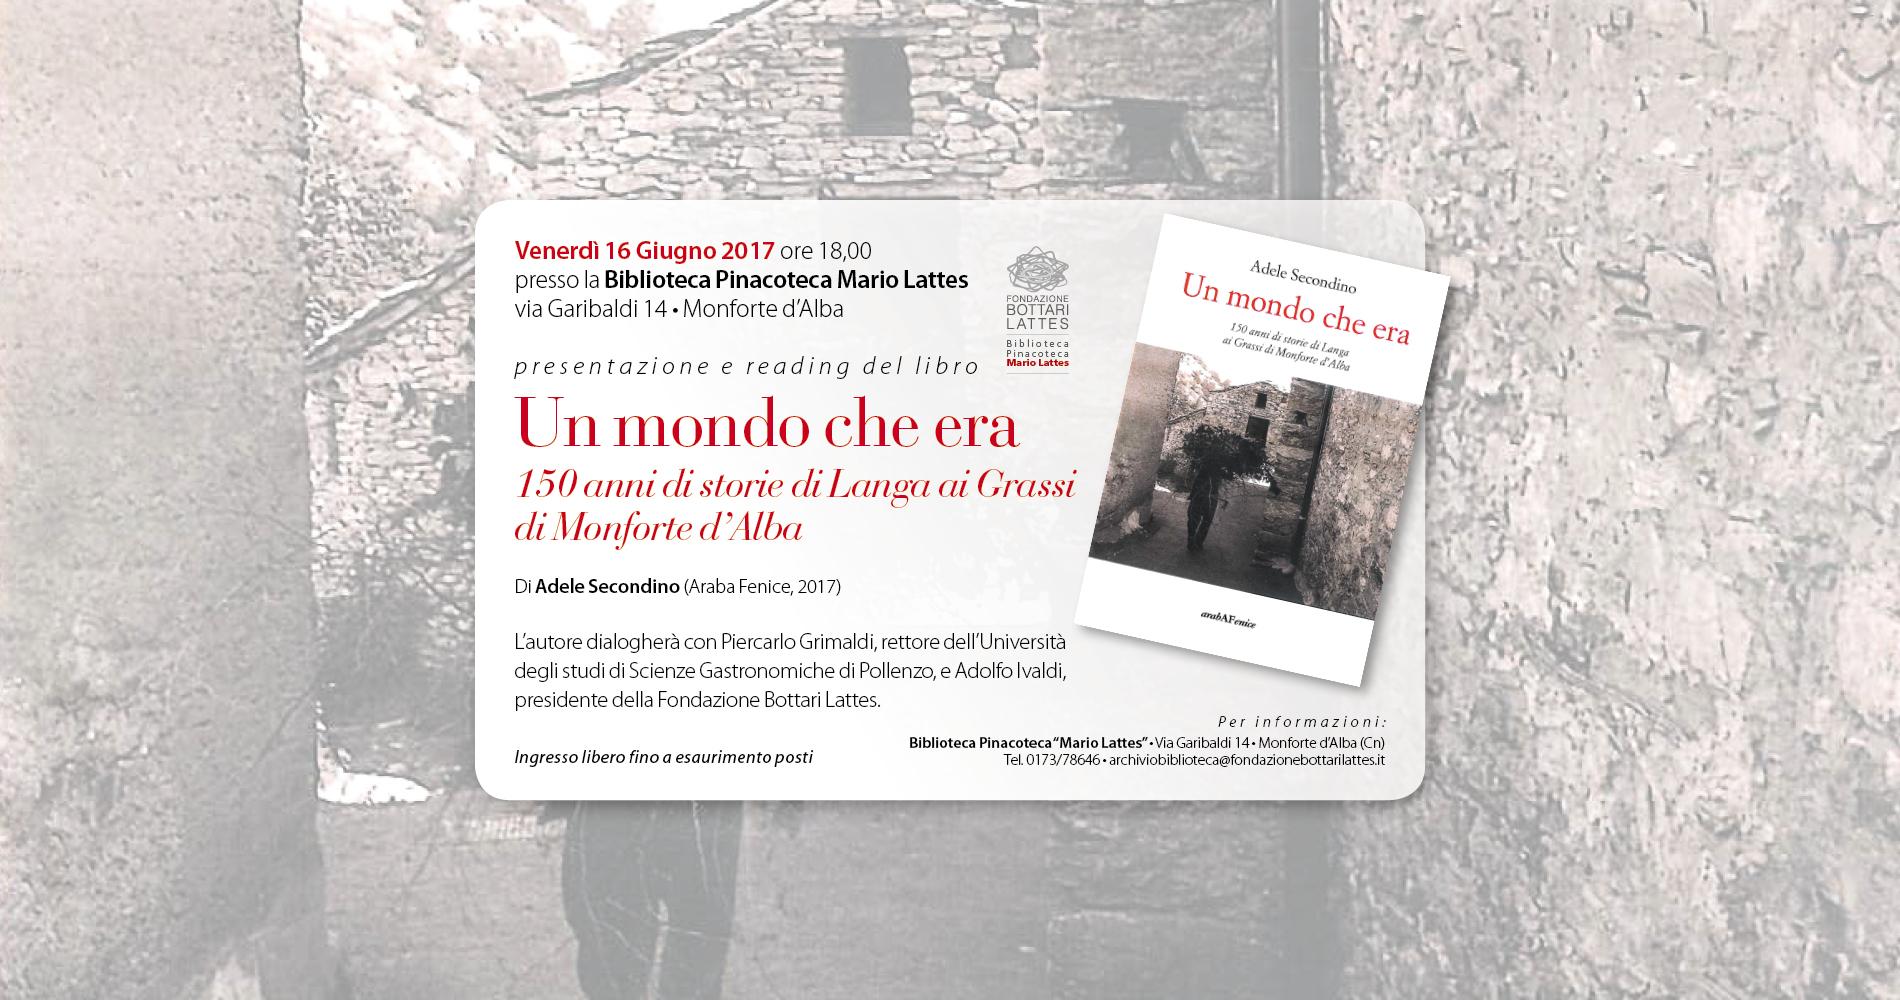 Le Langhe e i suoi 150 anni di storia raccontati da Adele Secondino